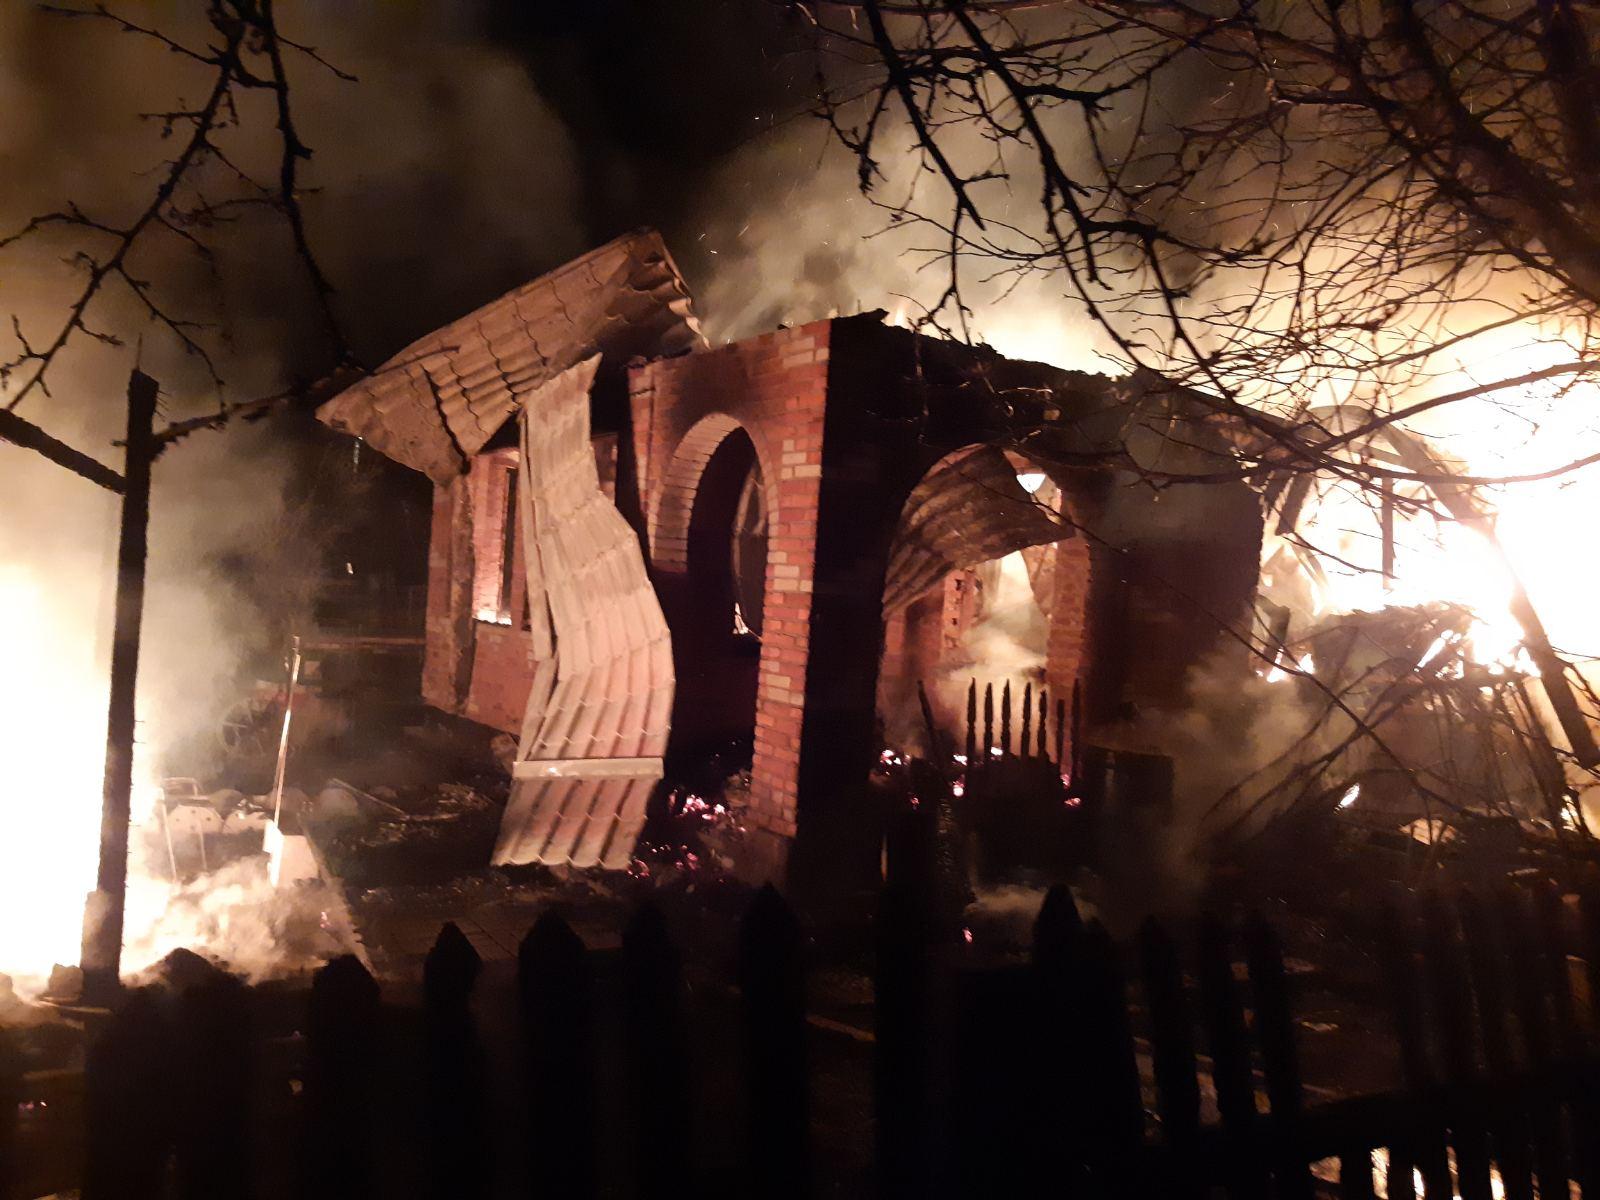 Вогонь знищив будинок на Броварщині -  - yzobrazhenye viber 2020 03 29 11 42 31